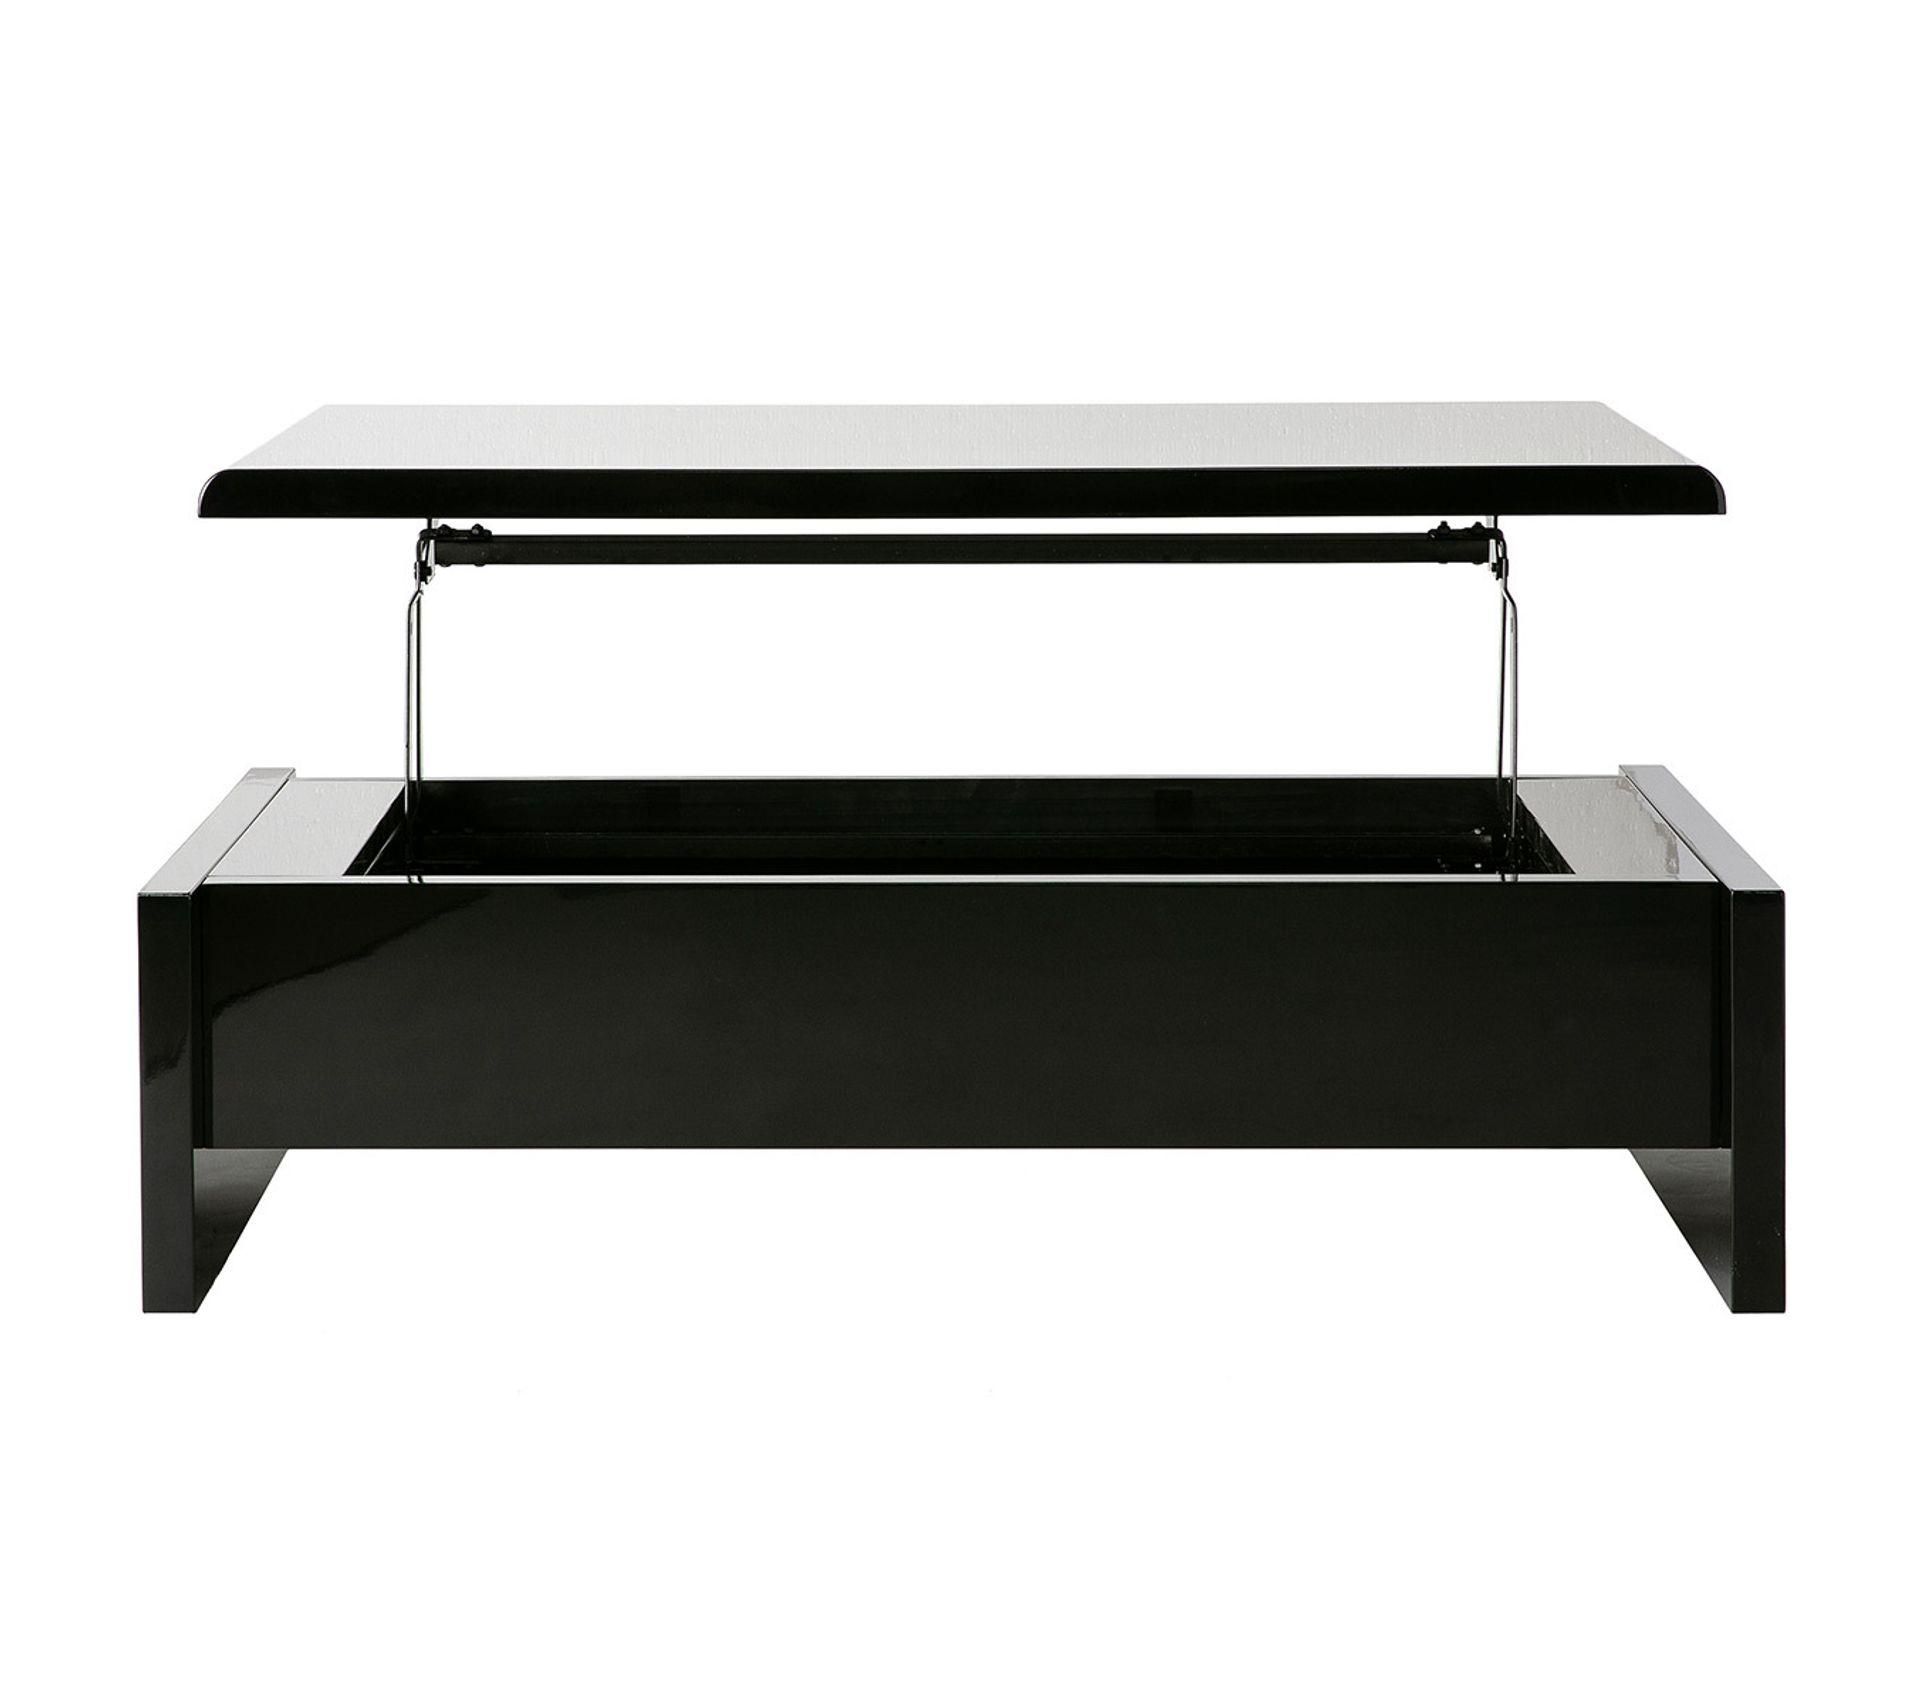 Table Basse Relevable Design Noire Avec Rangement Lola Table Basse But